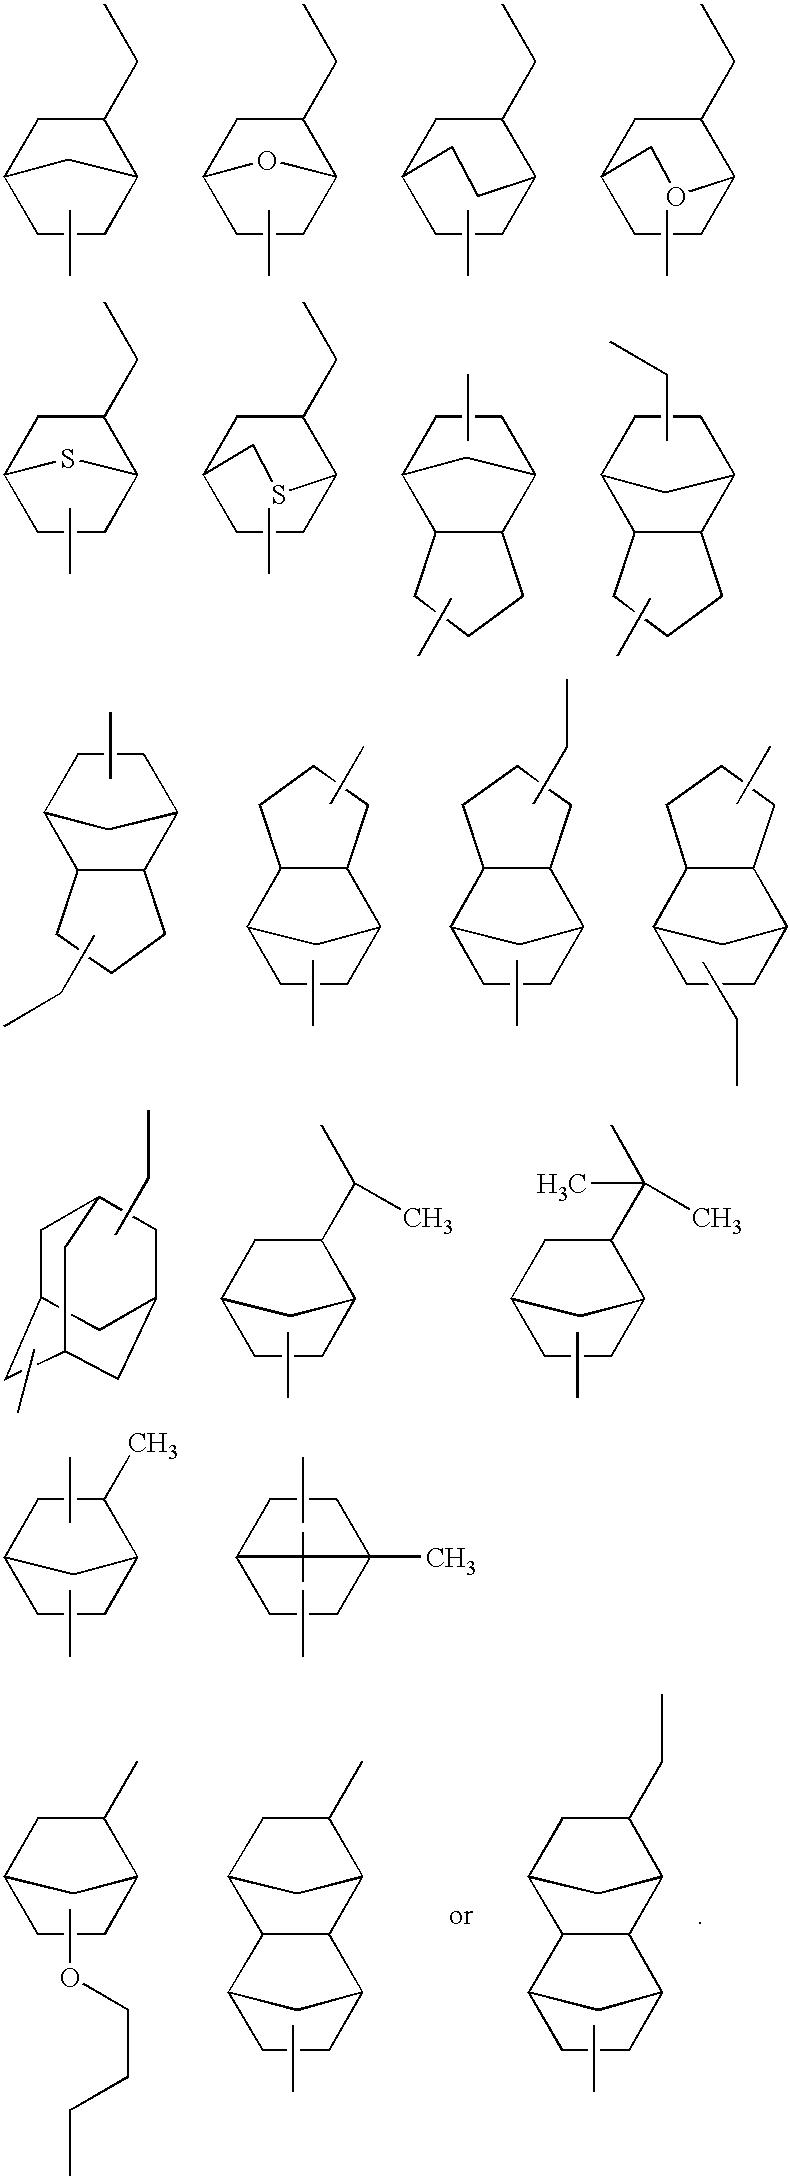 Figure US06623909-20030923-C00038